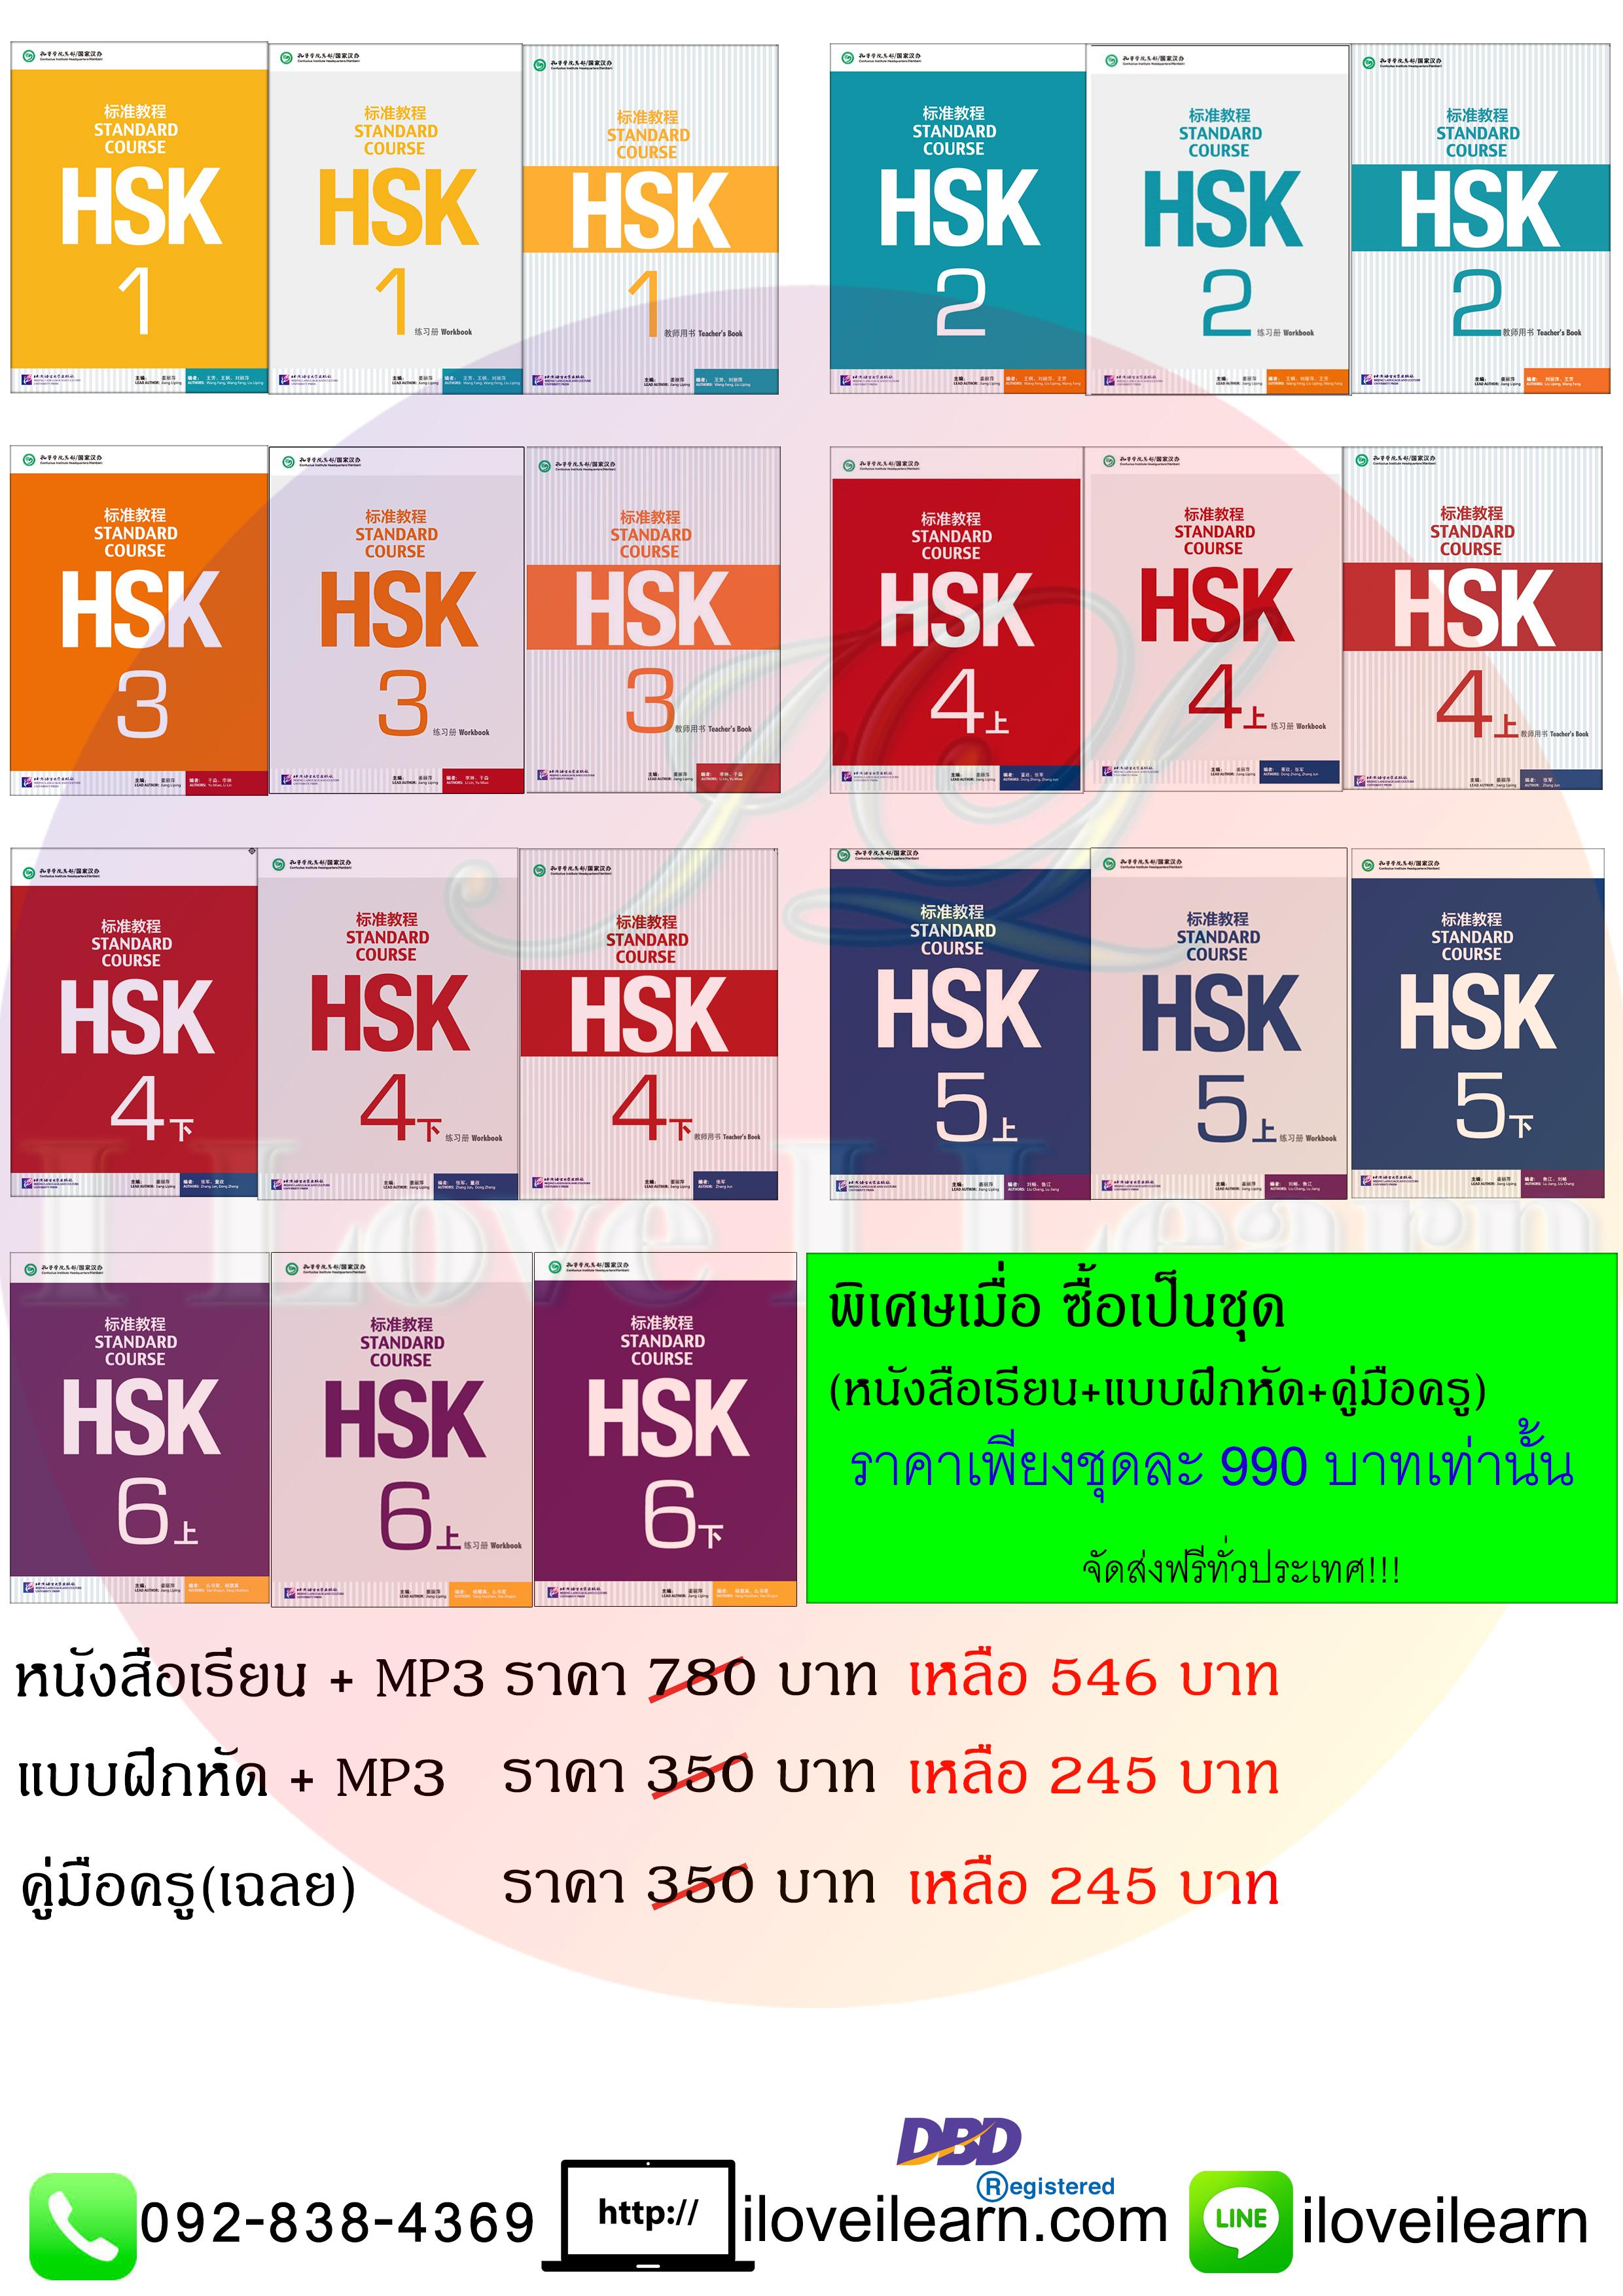 ชุดหนังสือข้อสอบ HSK Standard Course